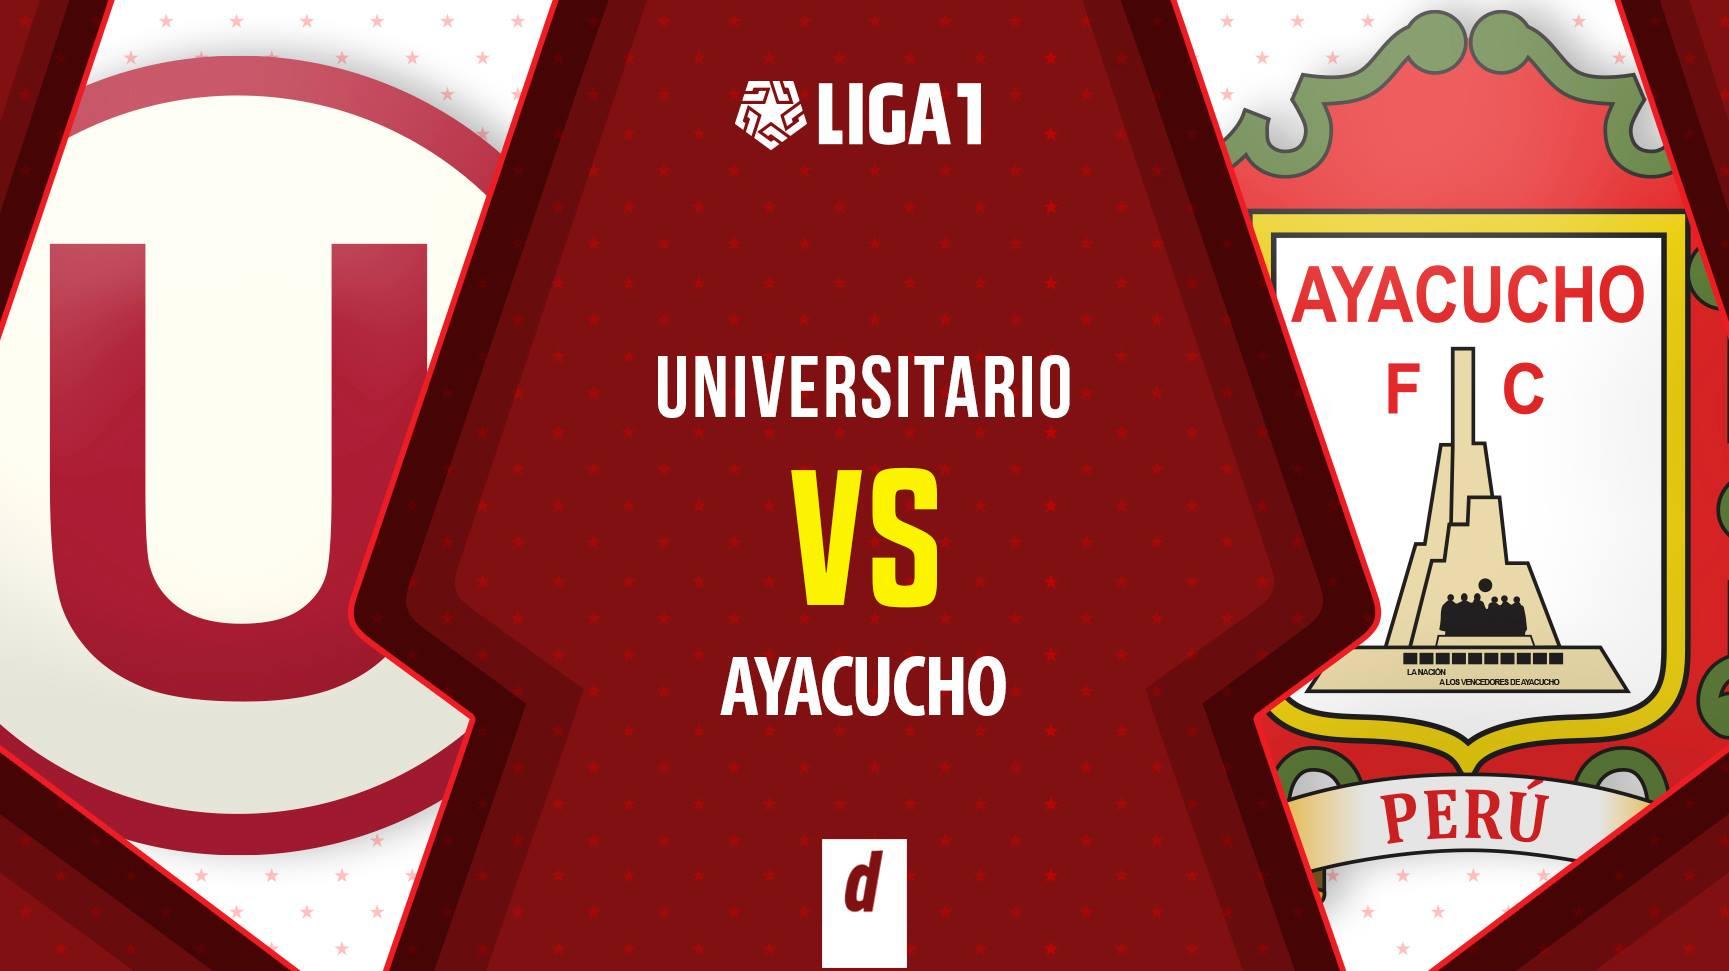 Universitario vs. Ayacucho FC EN VIVO: seguir transmisión de GOLPERU ONLINE